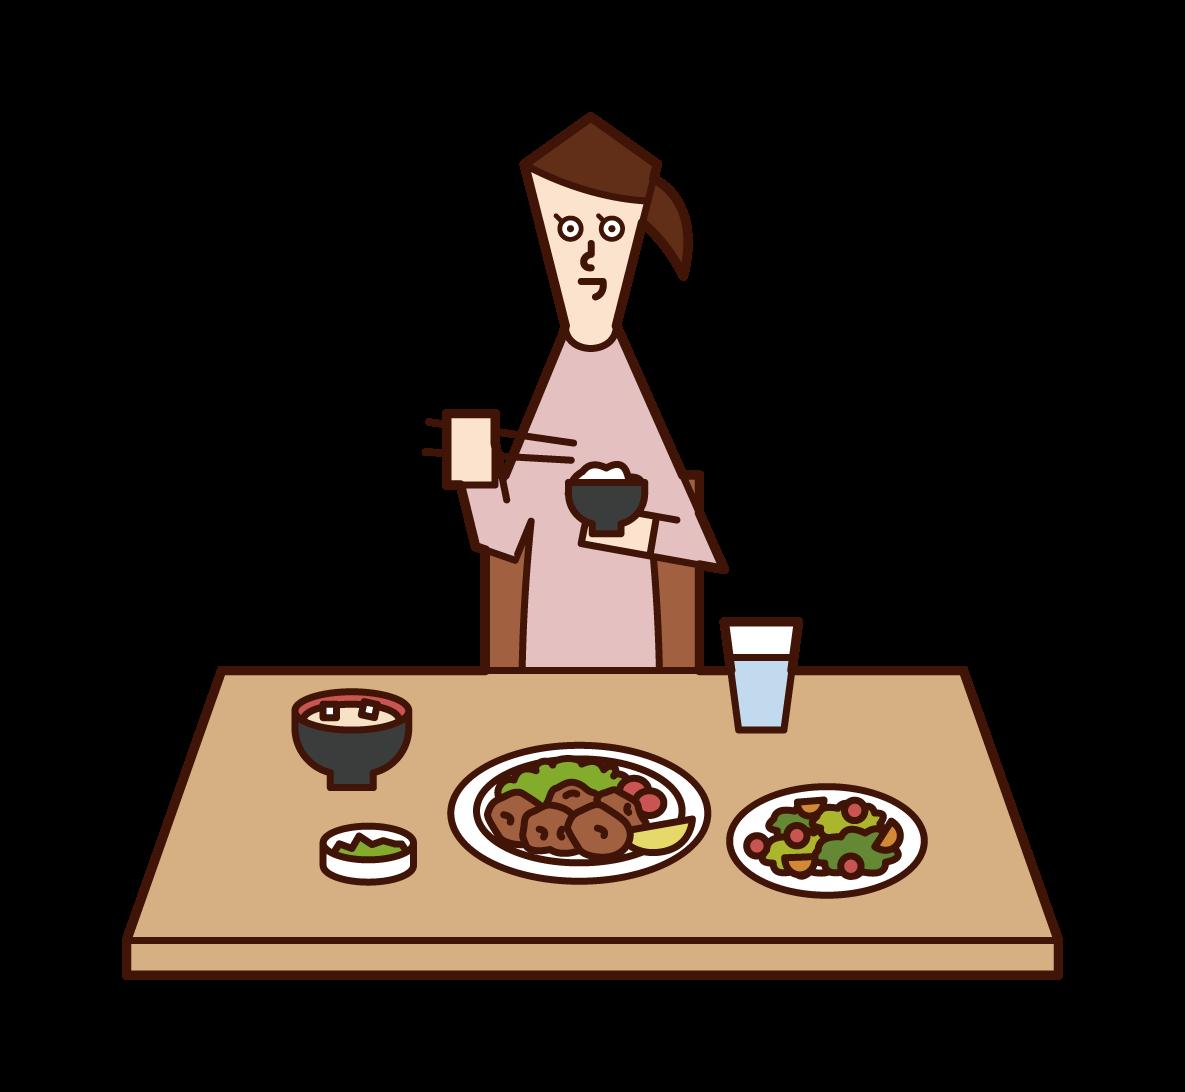 食事をする人(女性)のイラスト